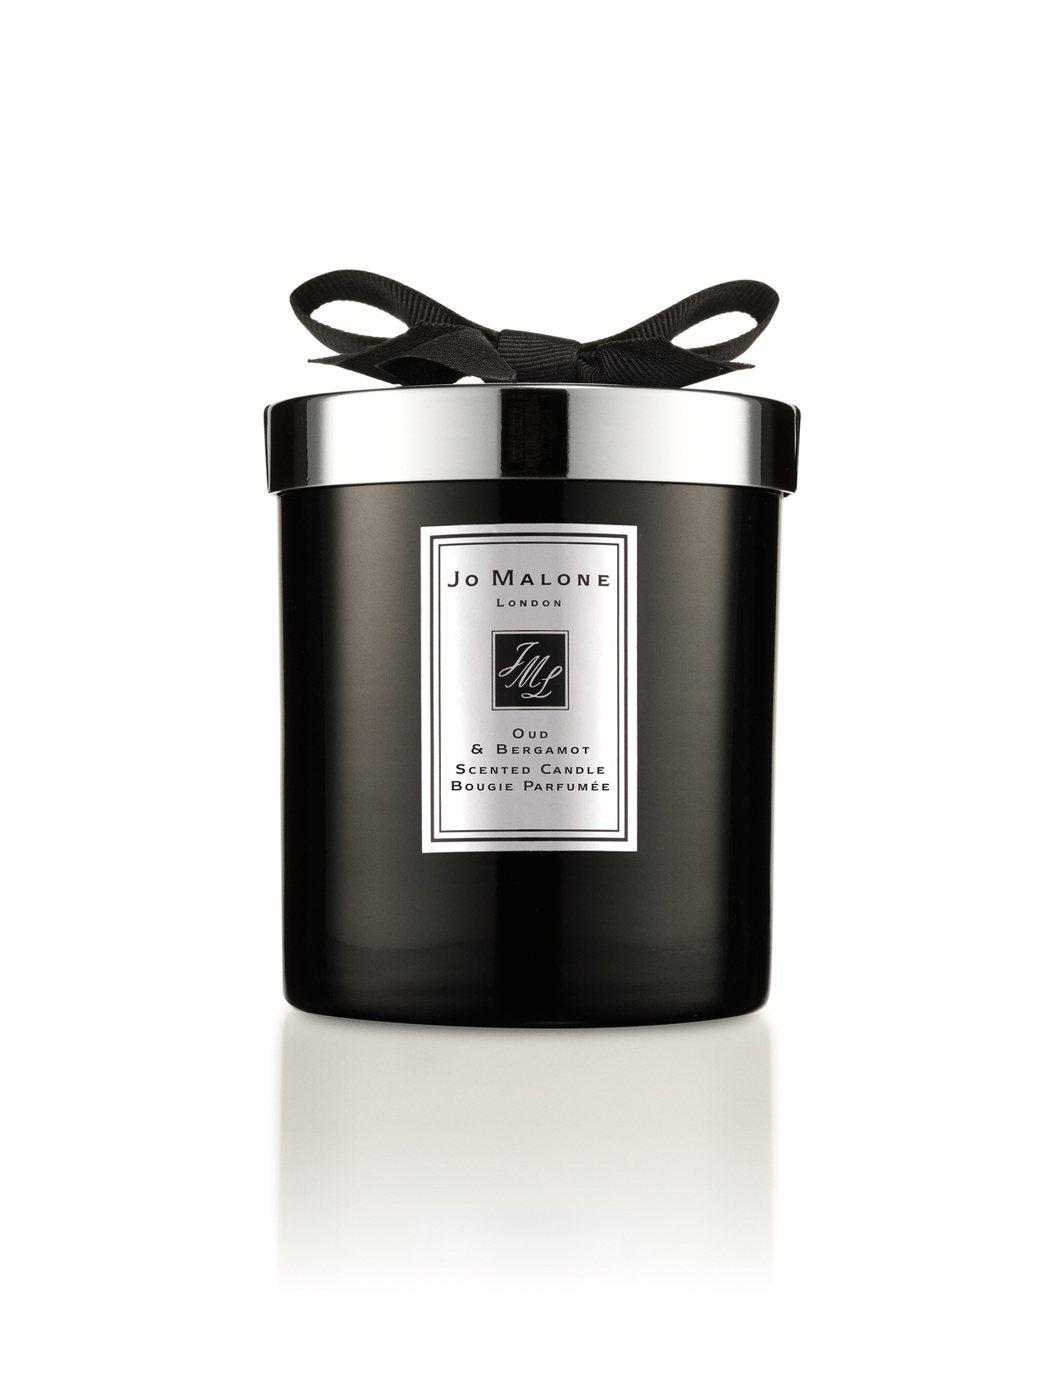 Jo Malone烏木與佛手柑蠟燭,200g售價3,800元。圖/Jo Malo...